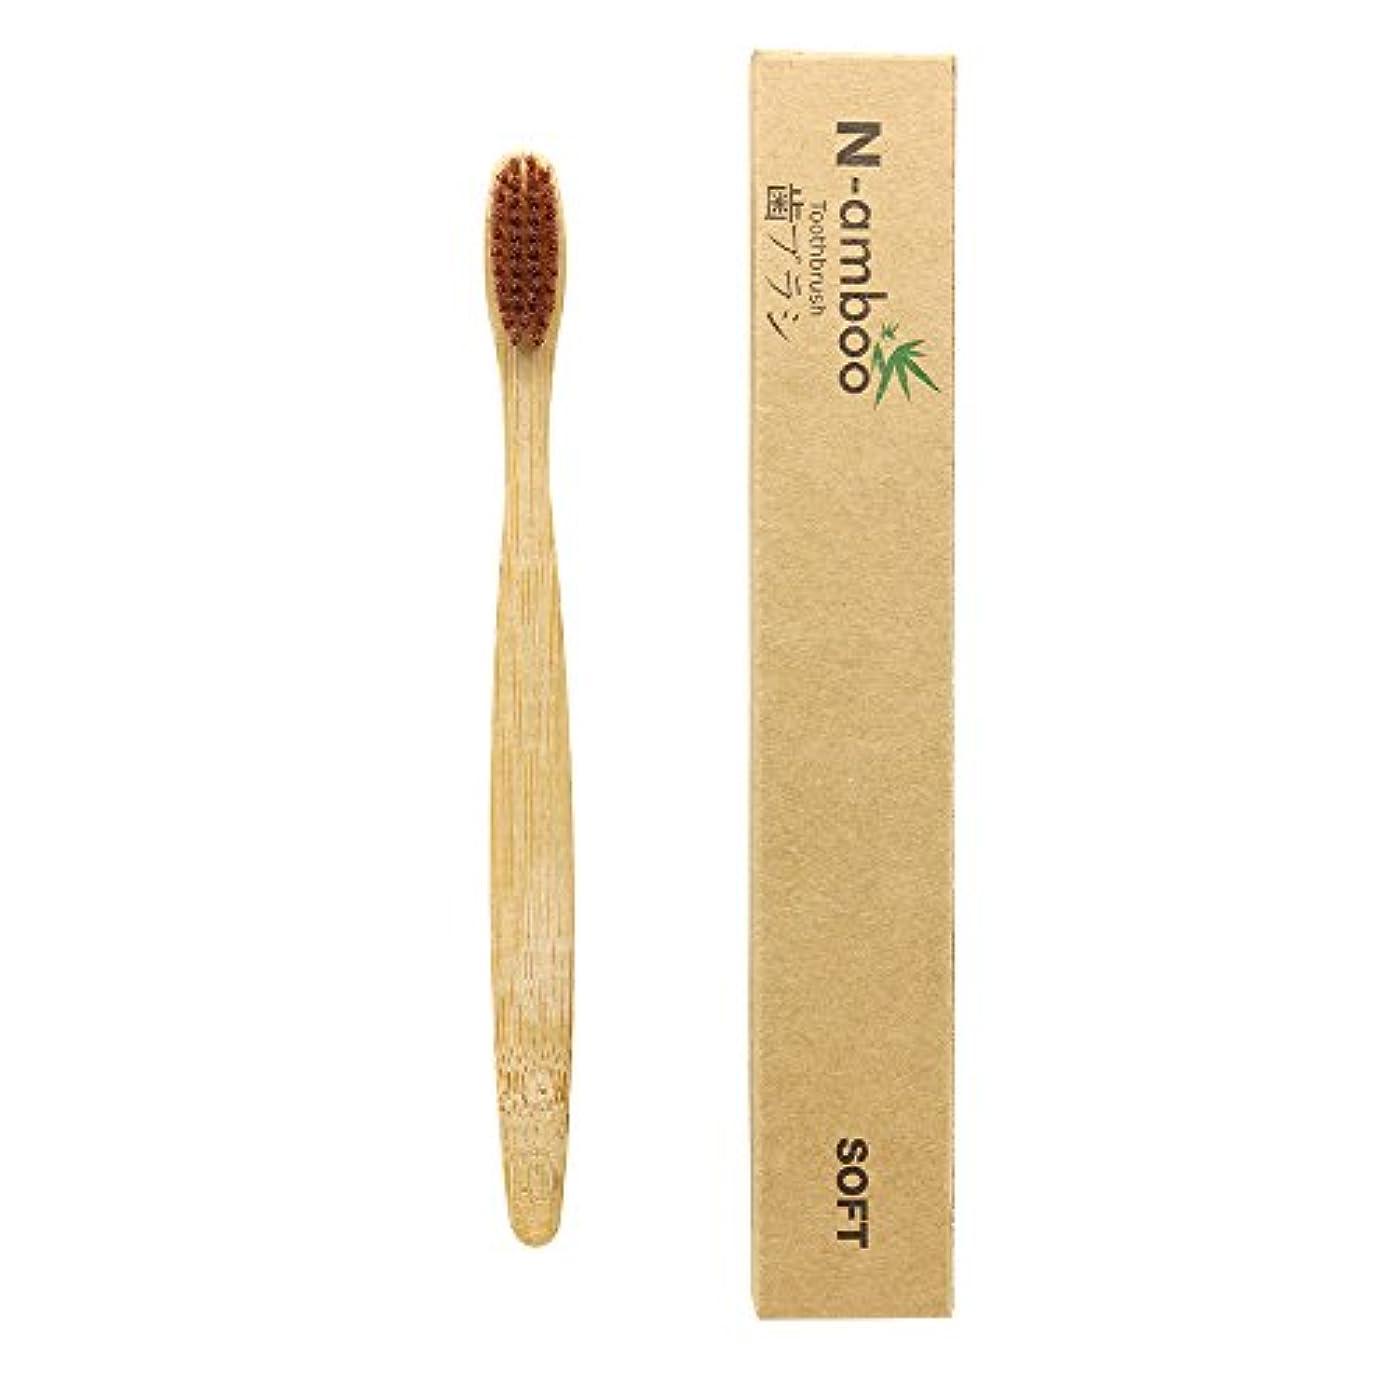 破産しっとり不器用N-amboo 竹製耐久度高い 歯ブラシ 茶褐色 1本入り